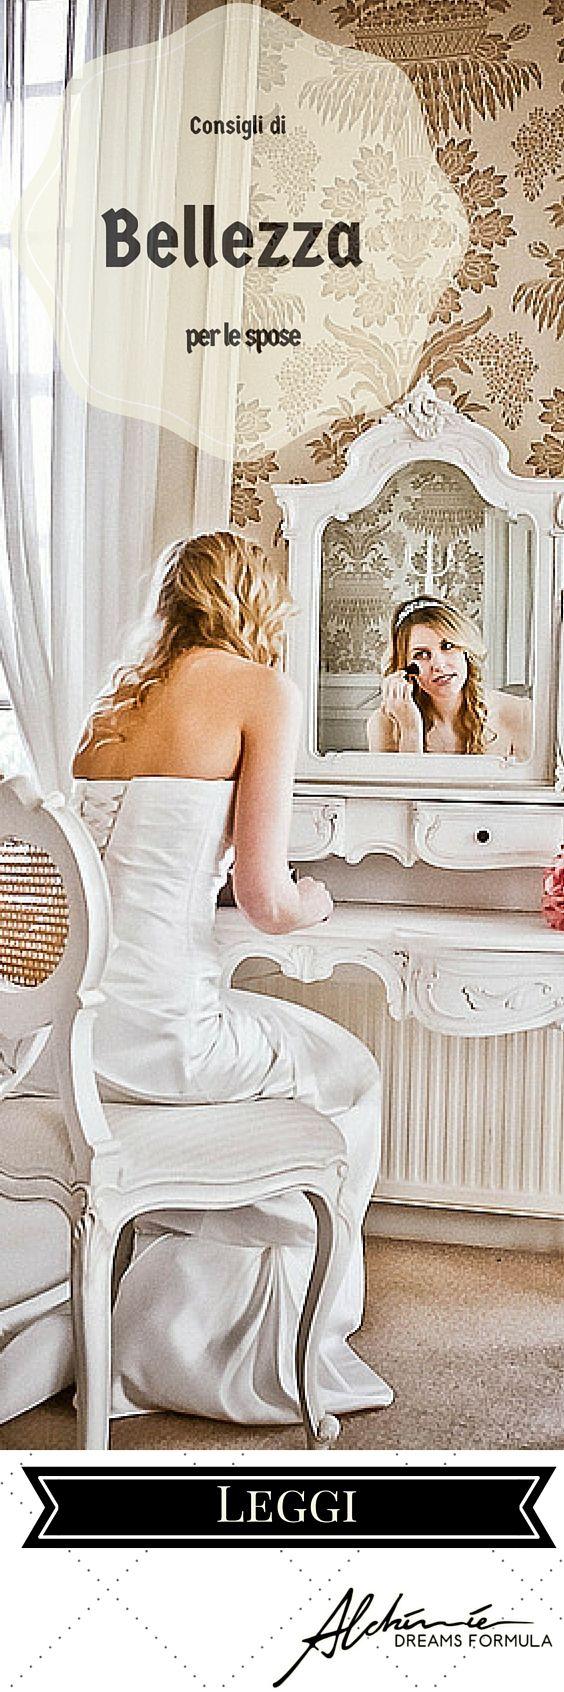 Consigli di bellezza per le spose - beauty tips for brides